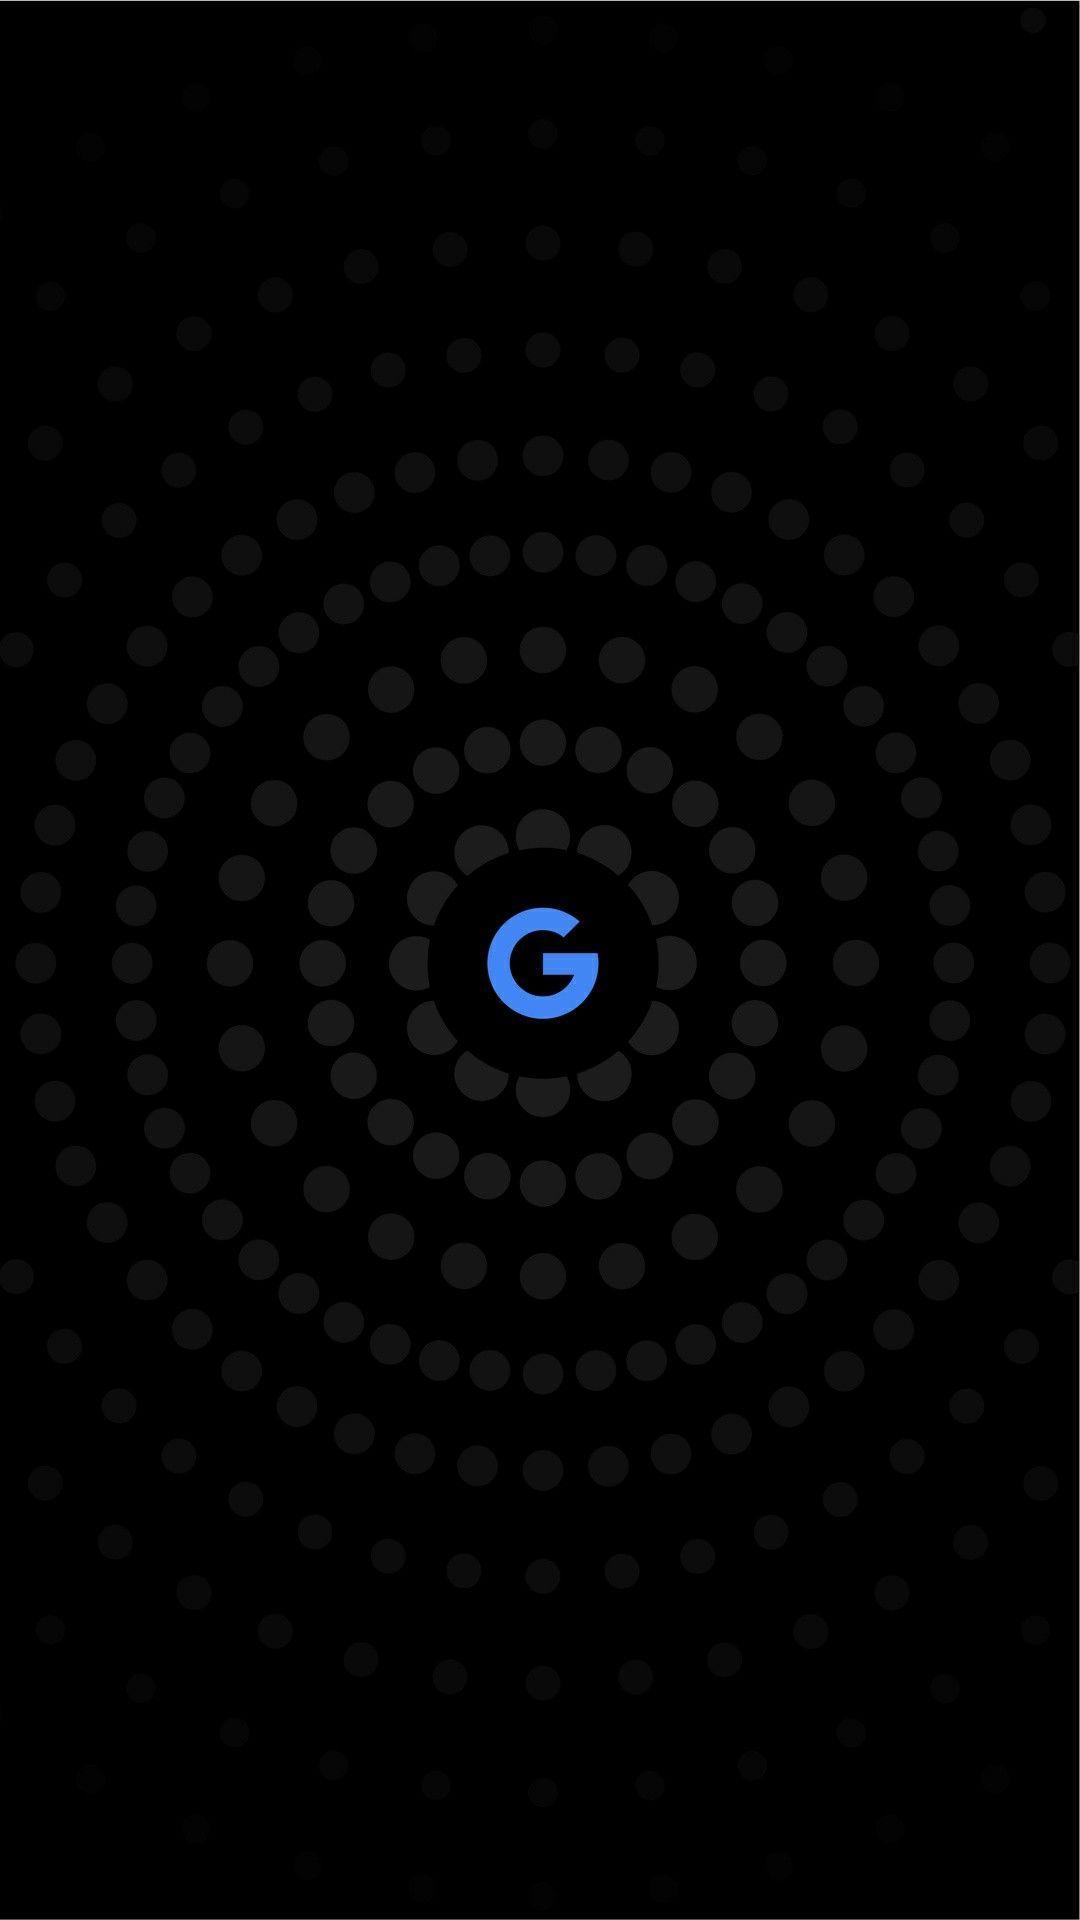 Dark Iphone Wallpaper Live Wallpaper Iphone Android Wallpaper Dark Google Pixel Wallpaper